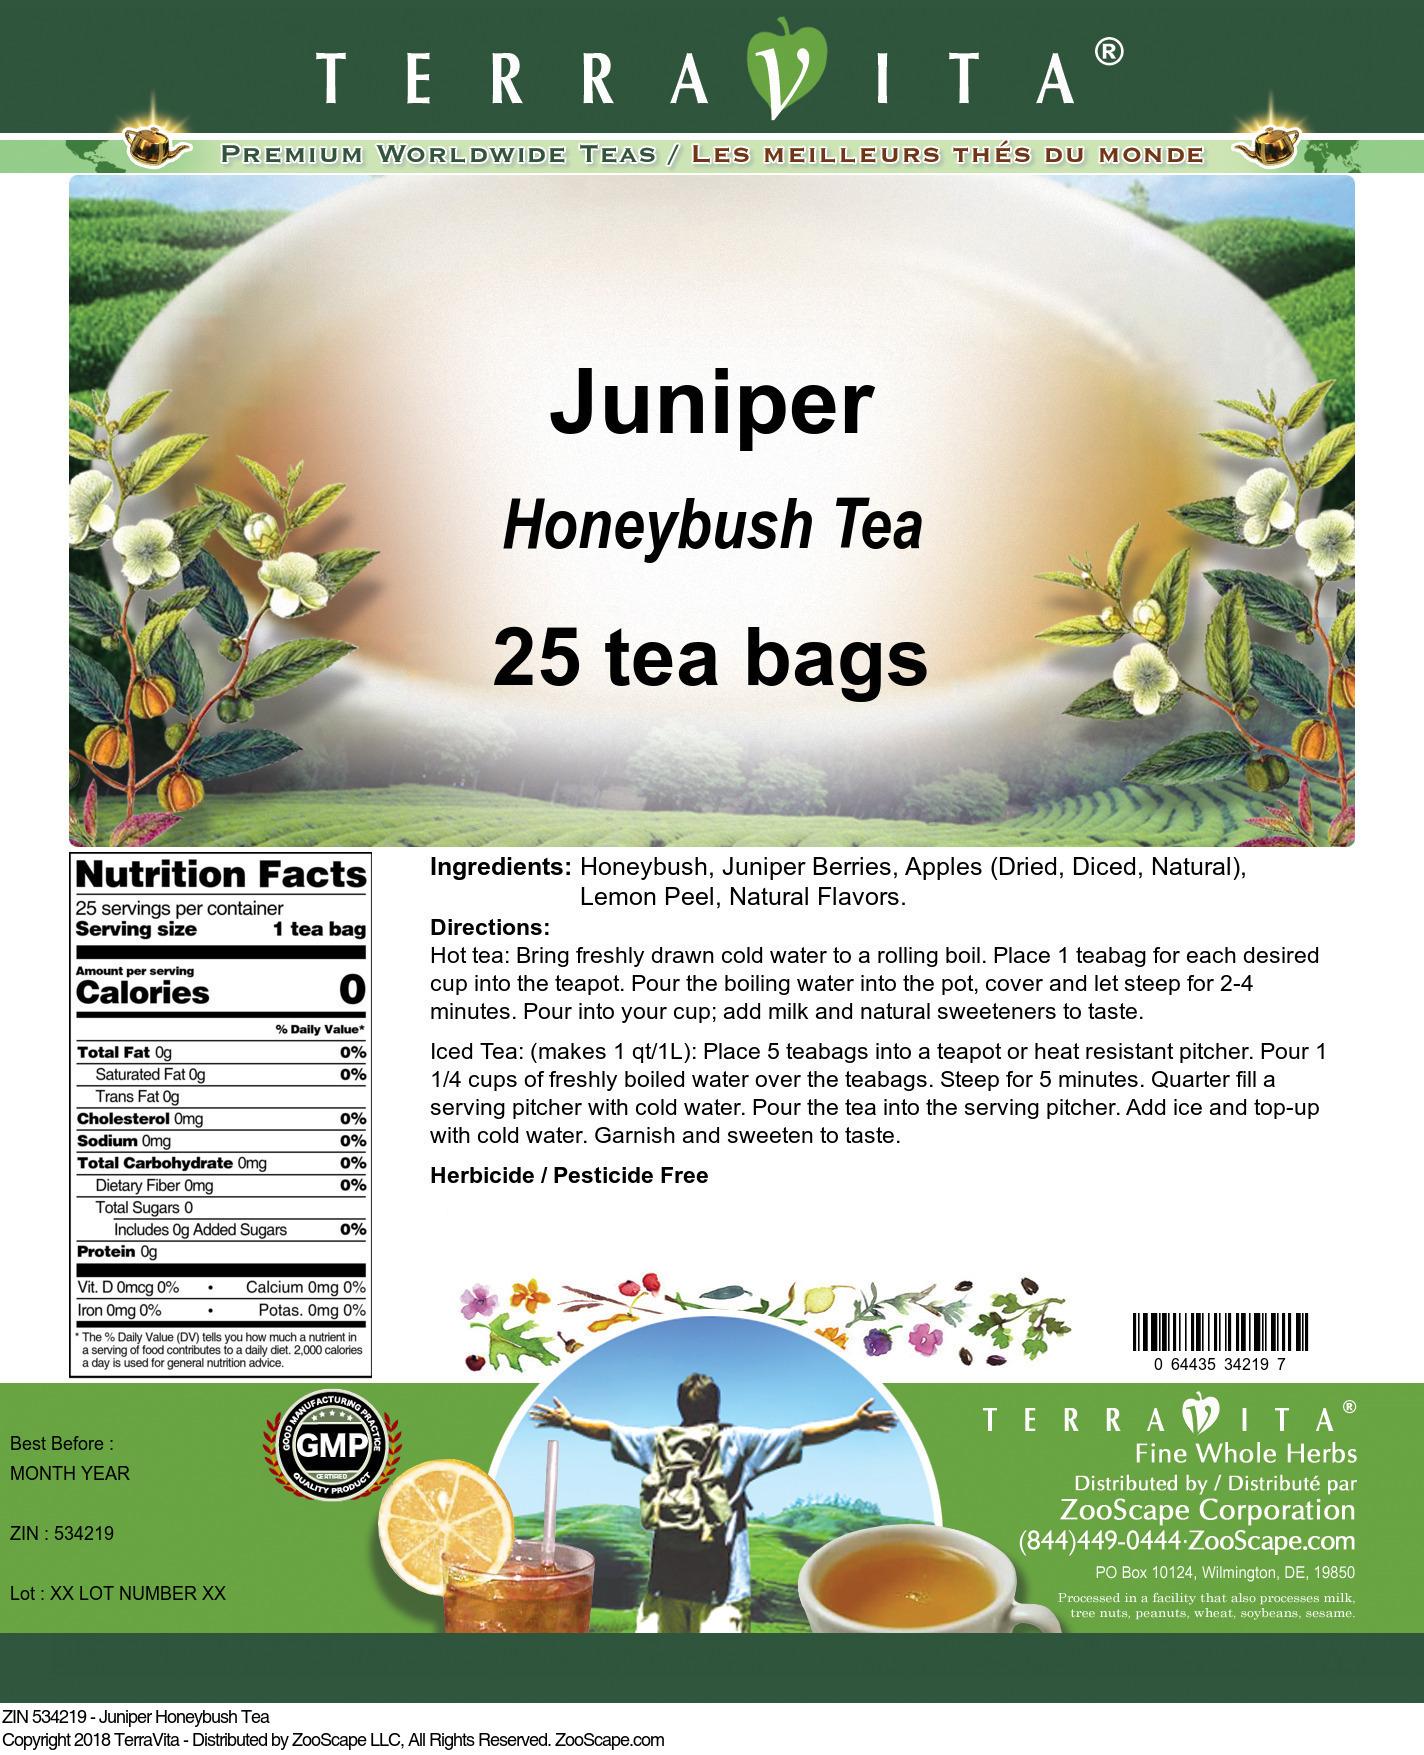 Juniper Honeybush Tea